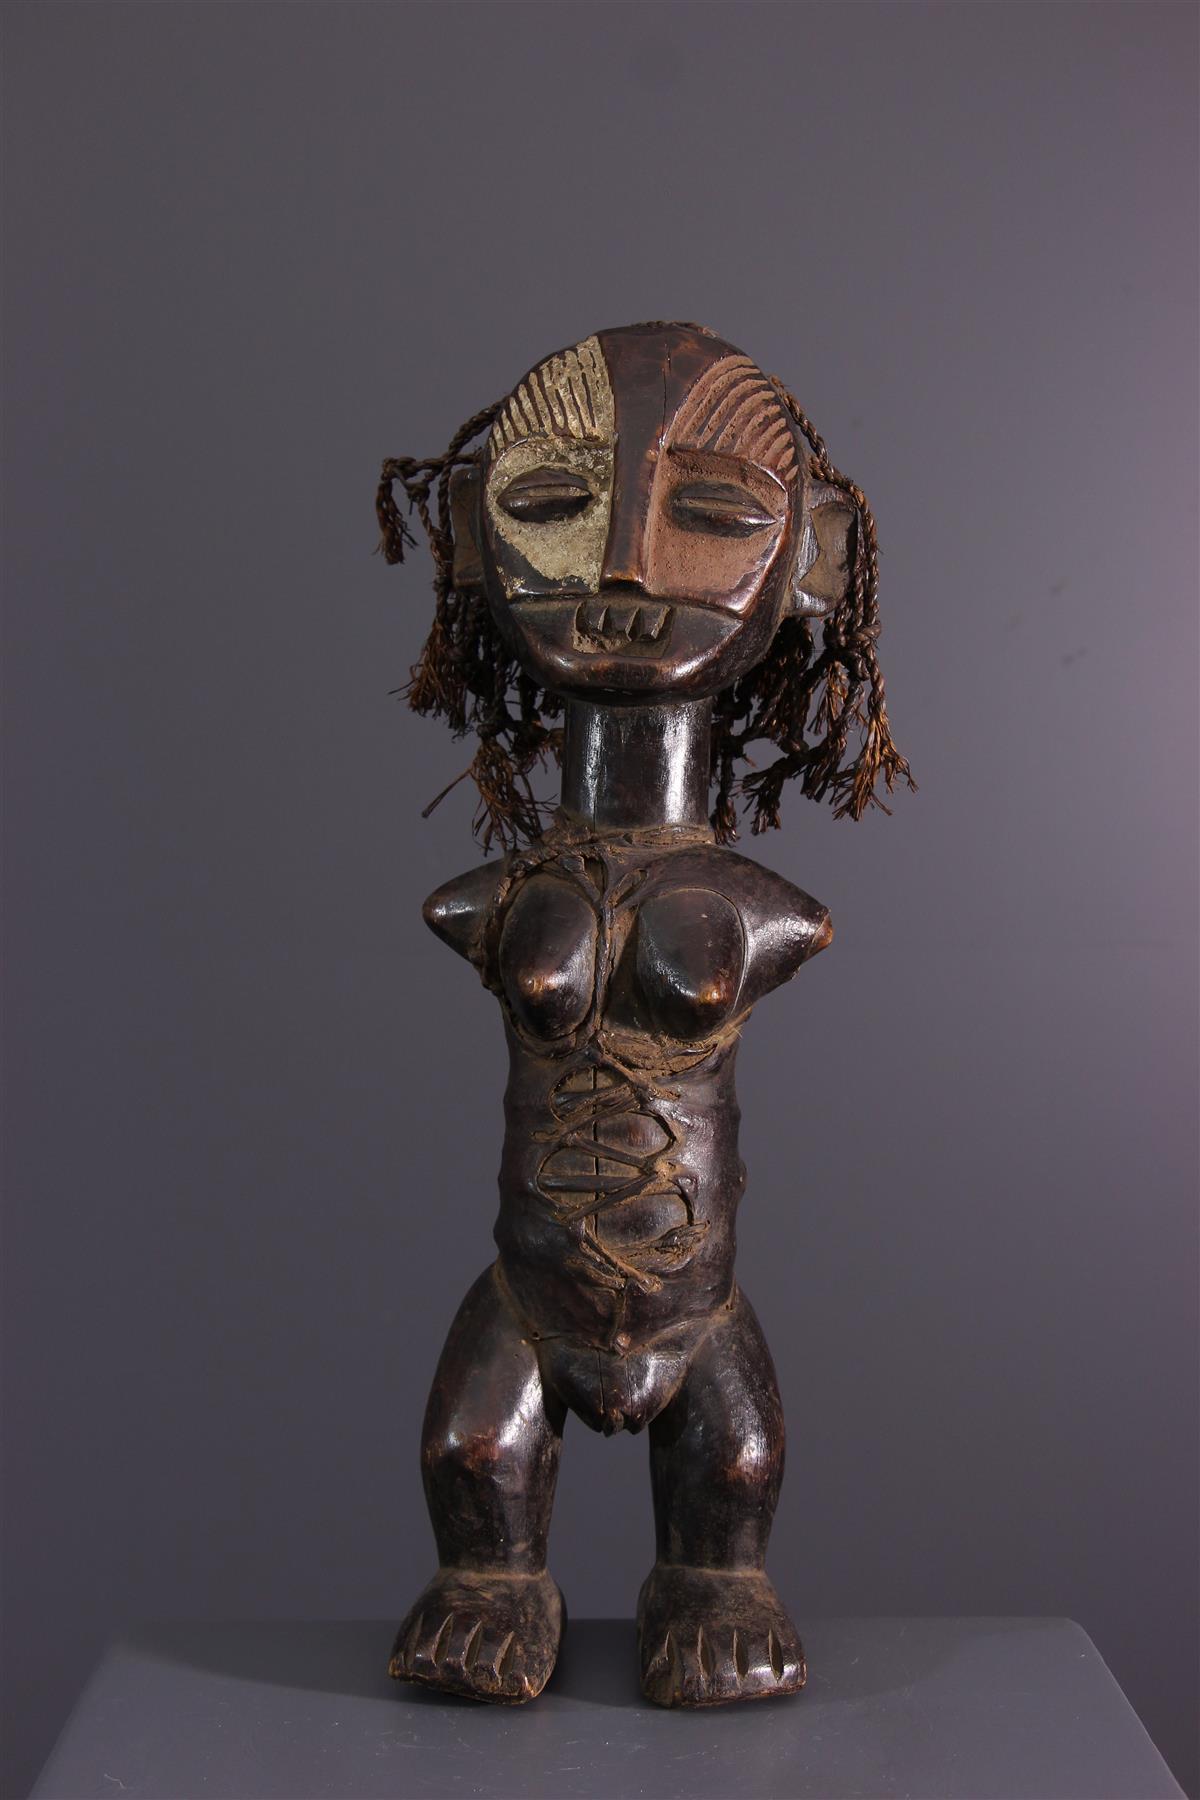 Statuette Metoko - Tribal art